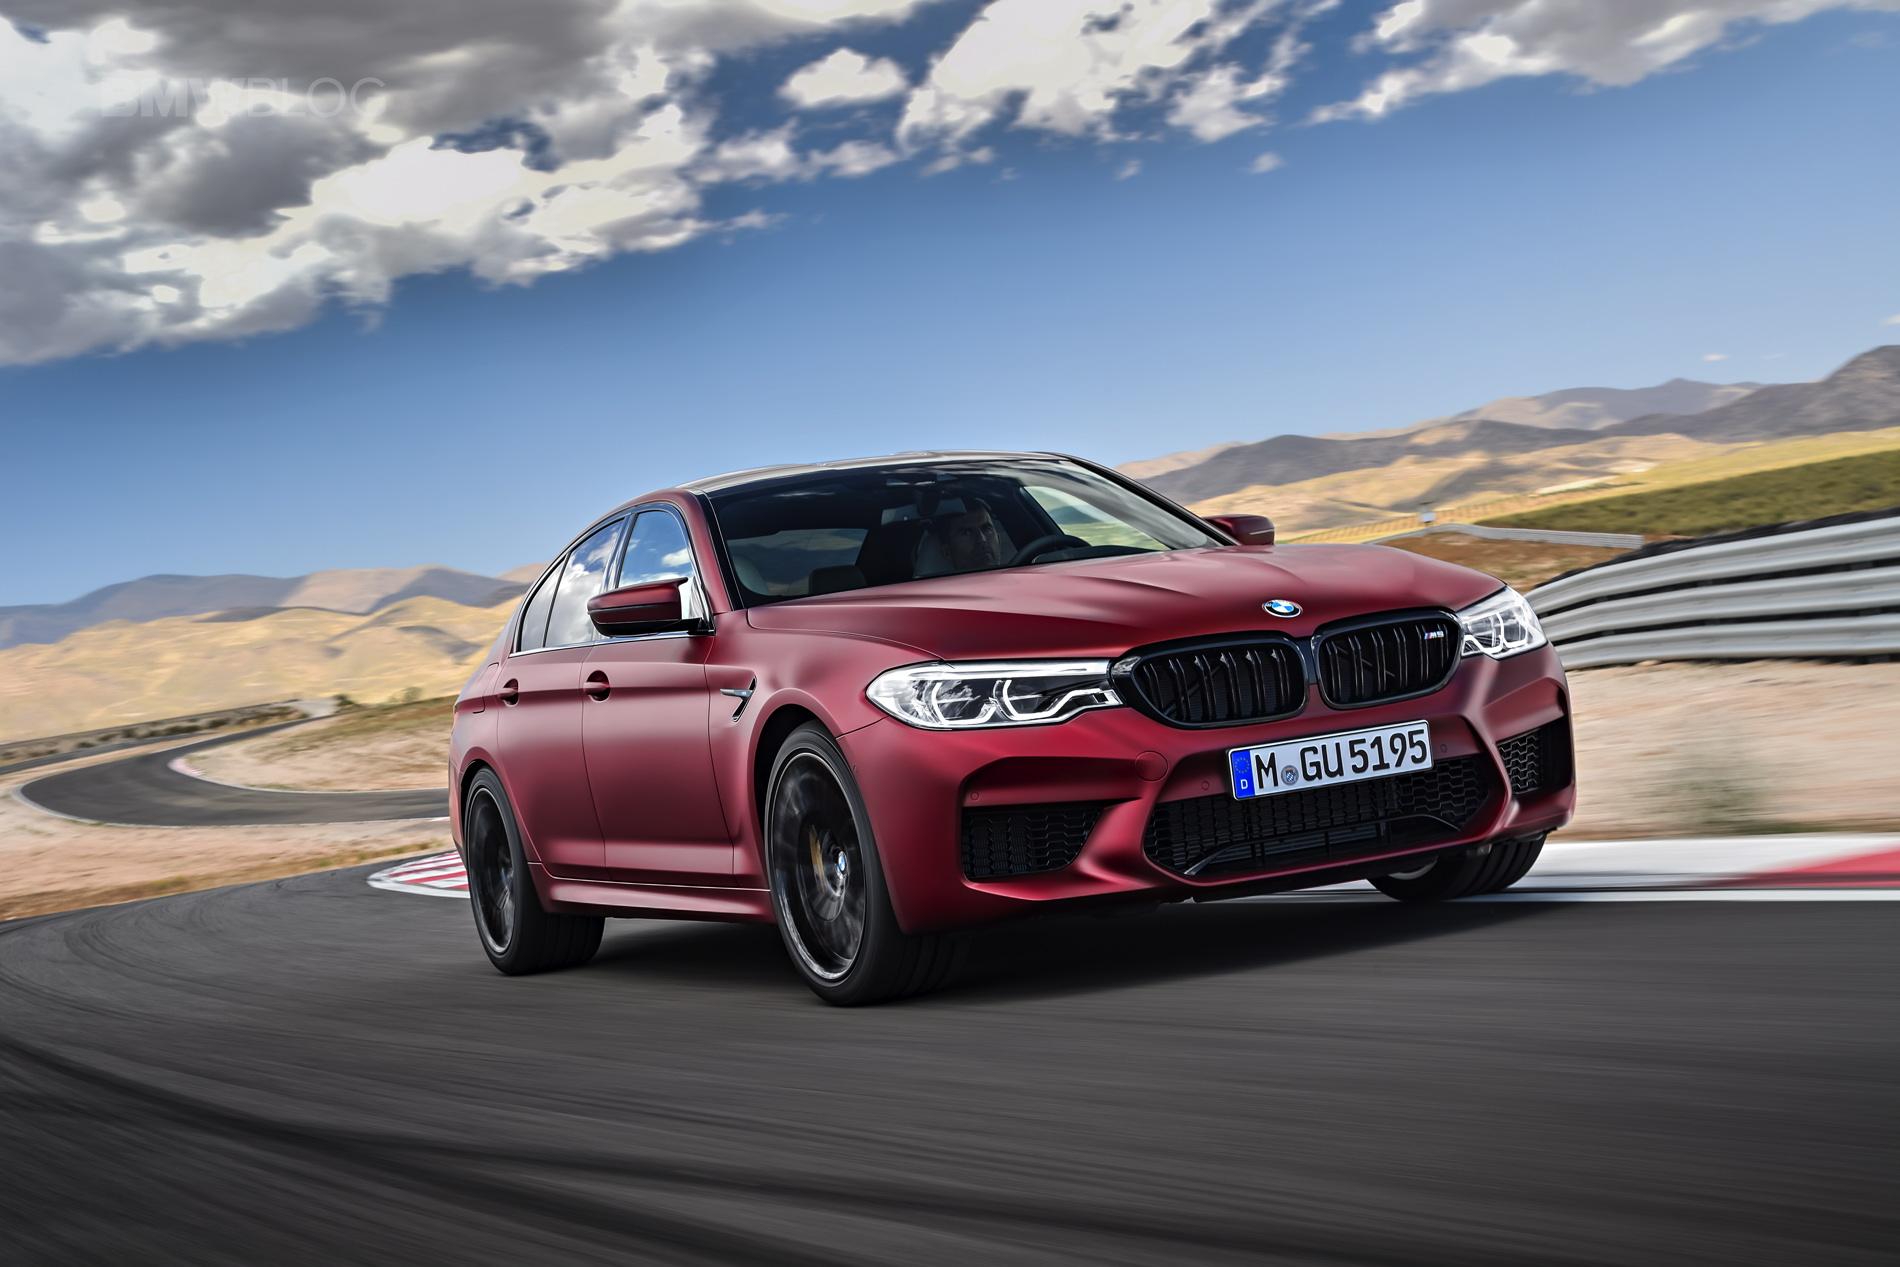 2018 BMW M5 Frozen Dark Red Metallic 03